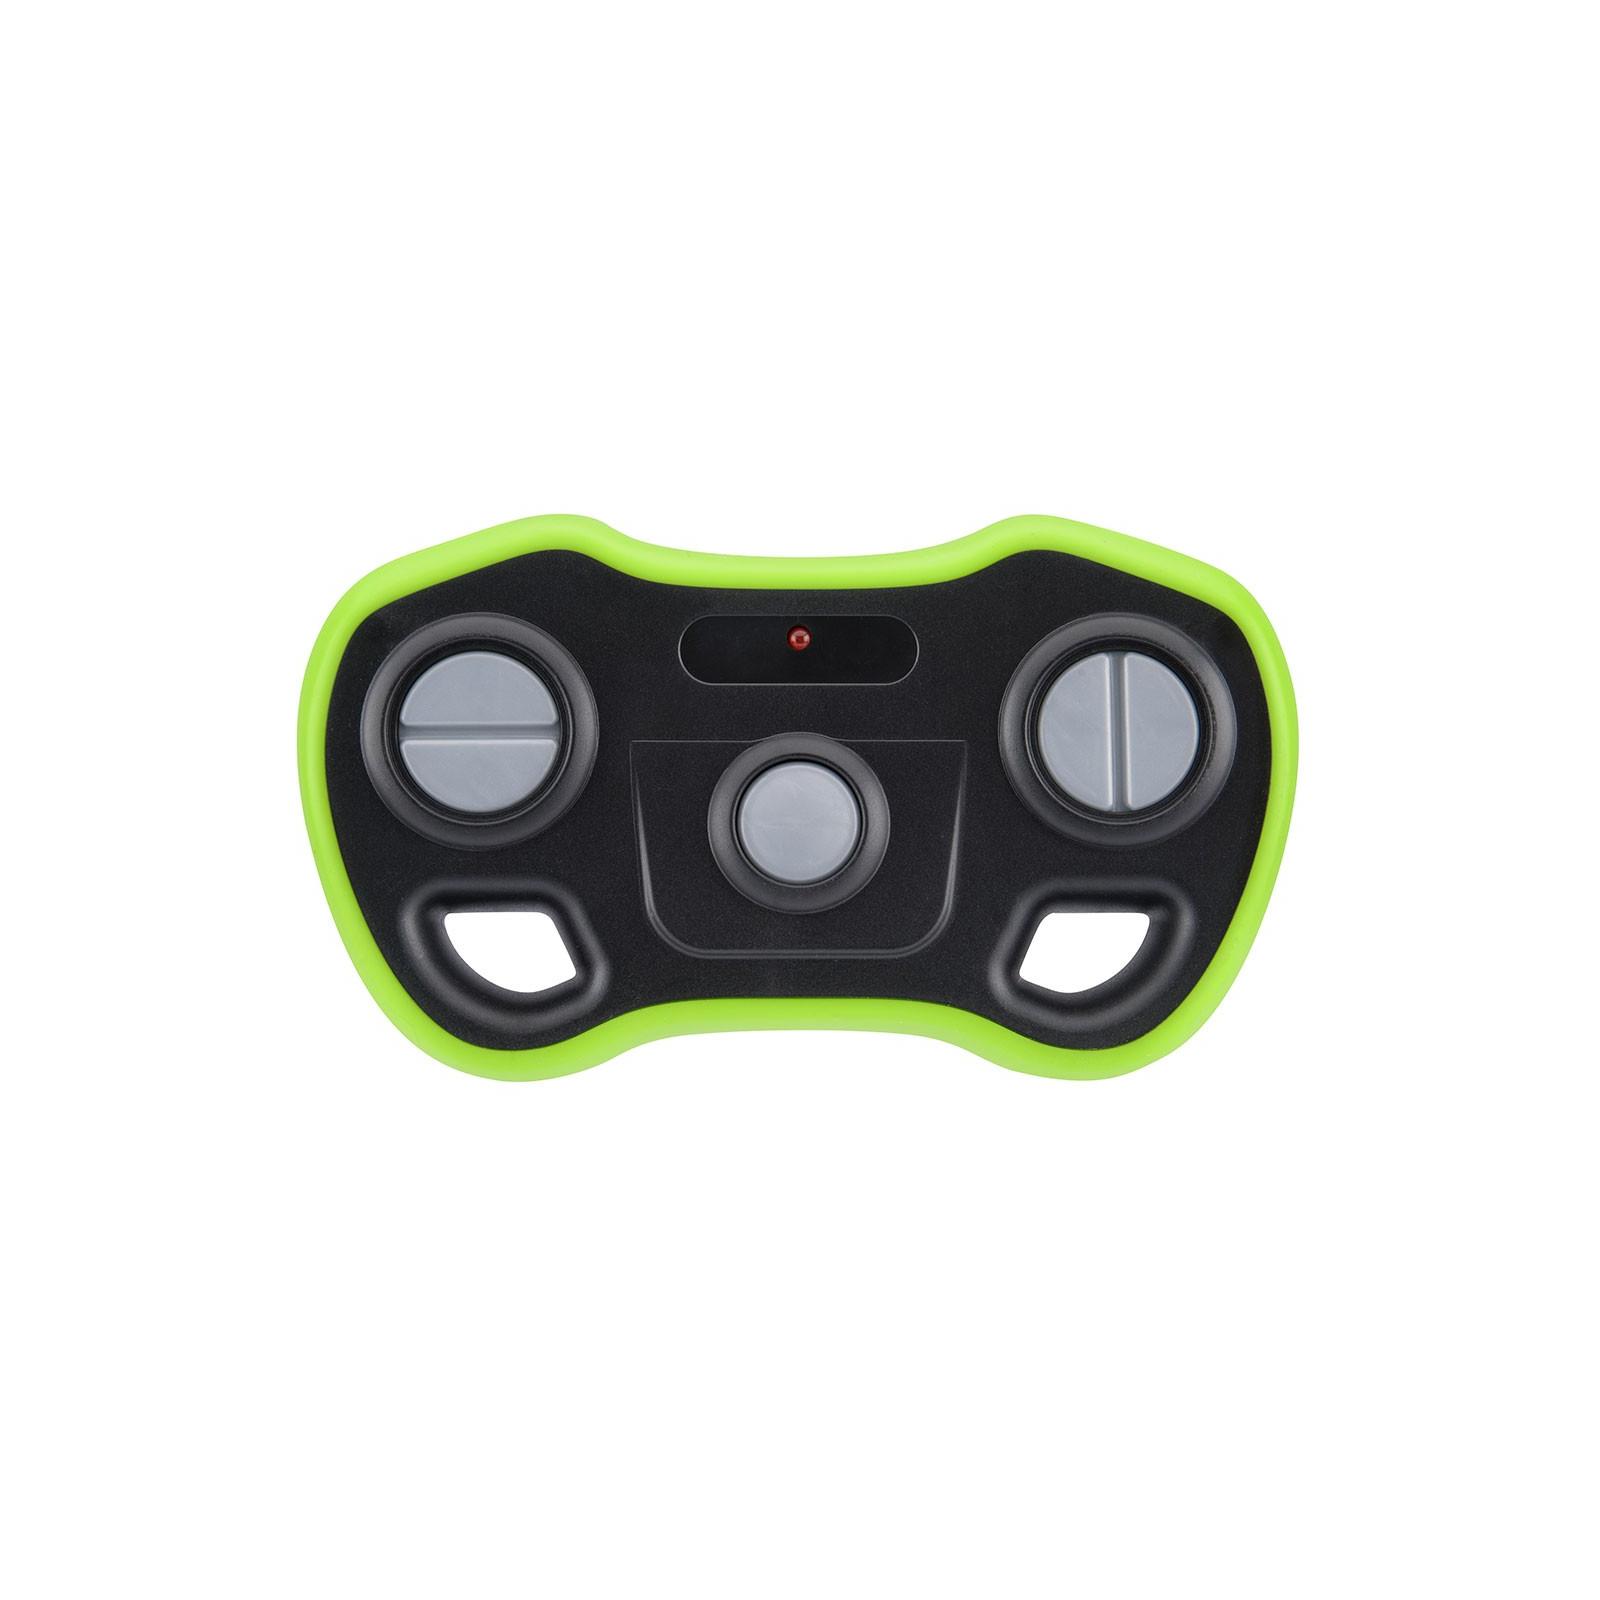 Радиоуправляемая игрушка Monster Smash-Ups Crash Car S2 Киборг Зеленый (TY6082A) изображение 4